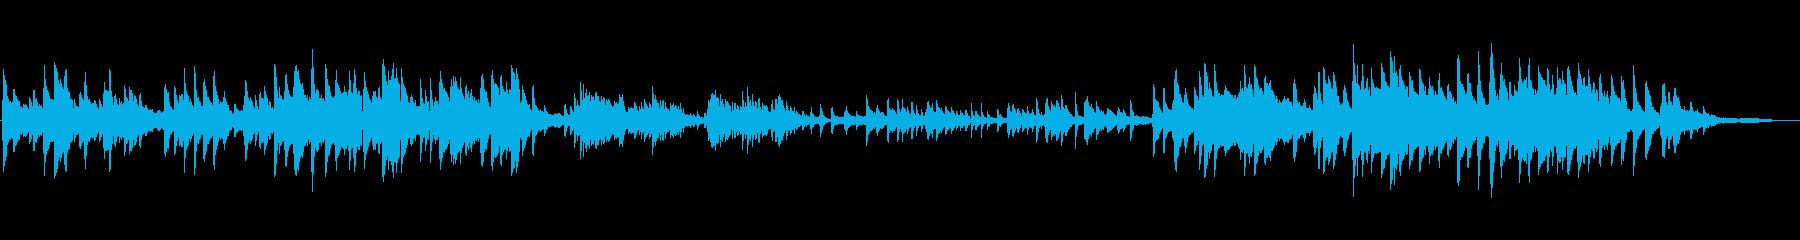 静かなピアノソロ曲ですの再生済みの波形